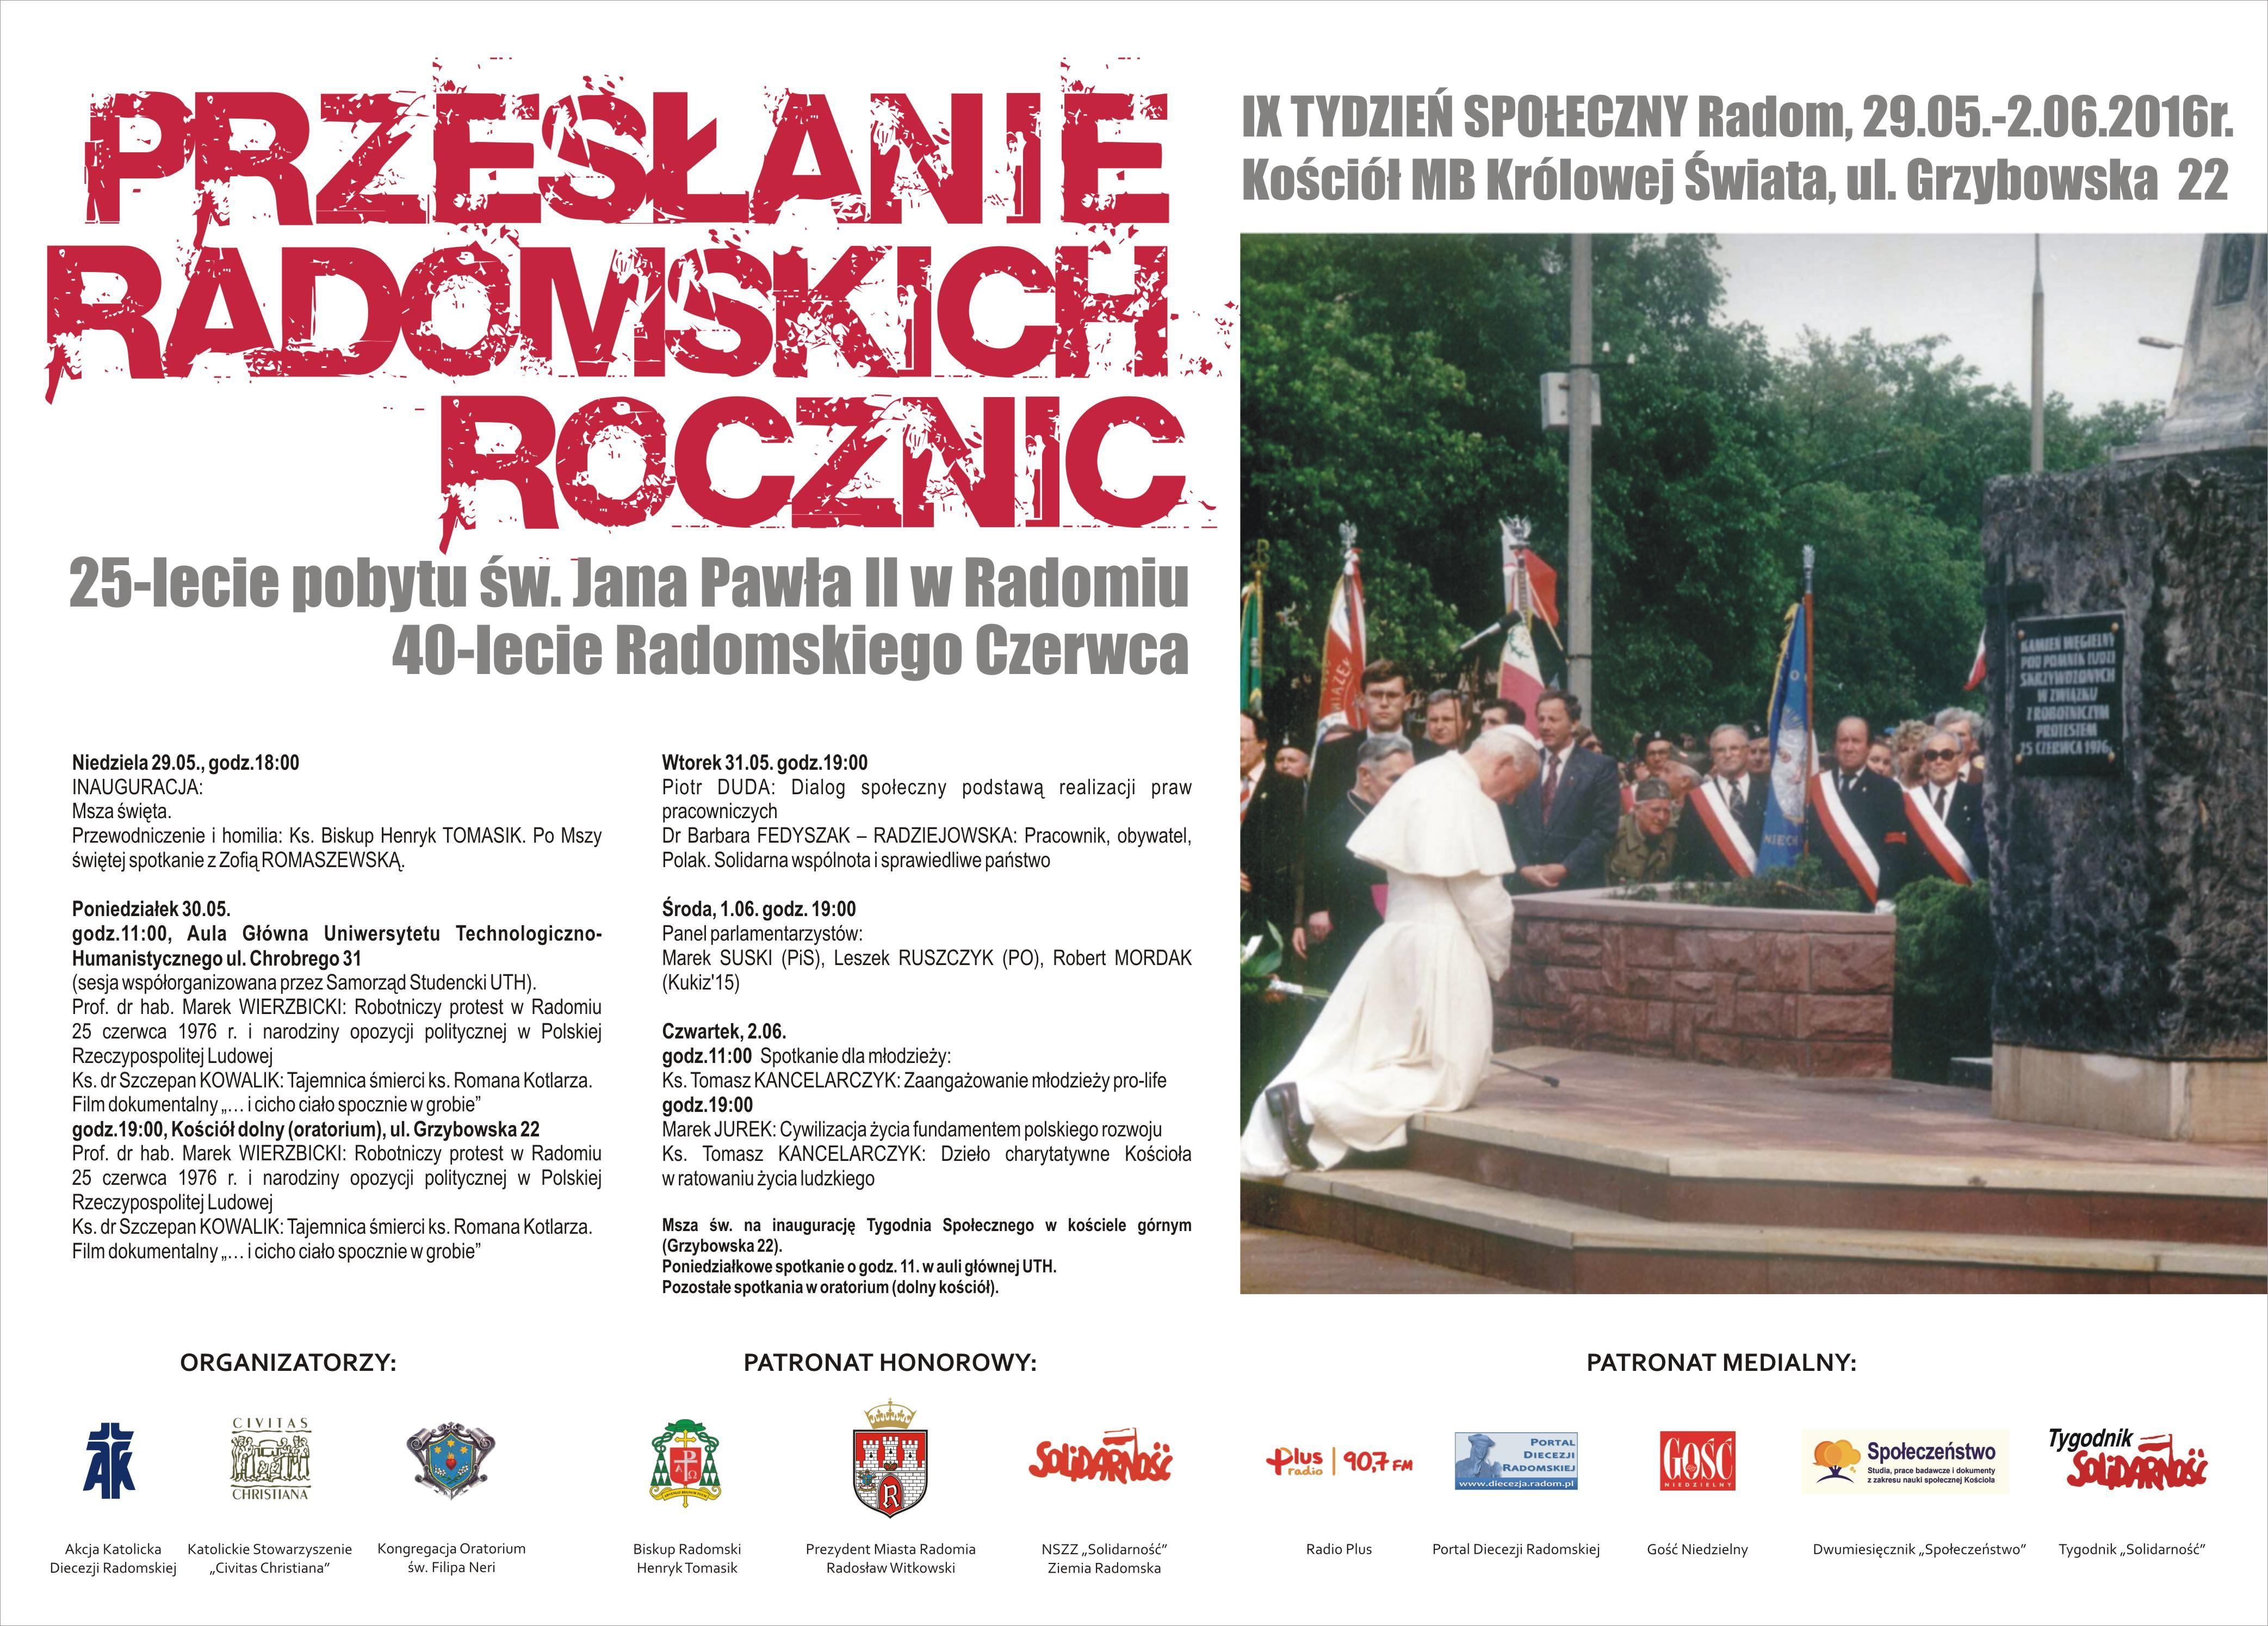 EEEEIX Tydzień Społeczny, czyli pięć dni uczciwej debaty o Radomiu, Polsce i Europie